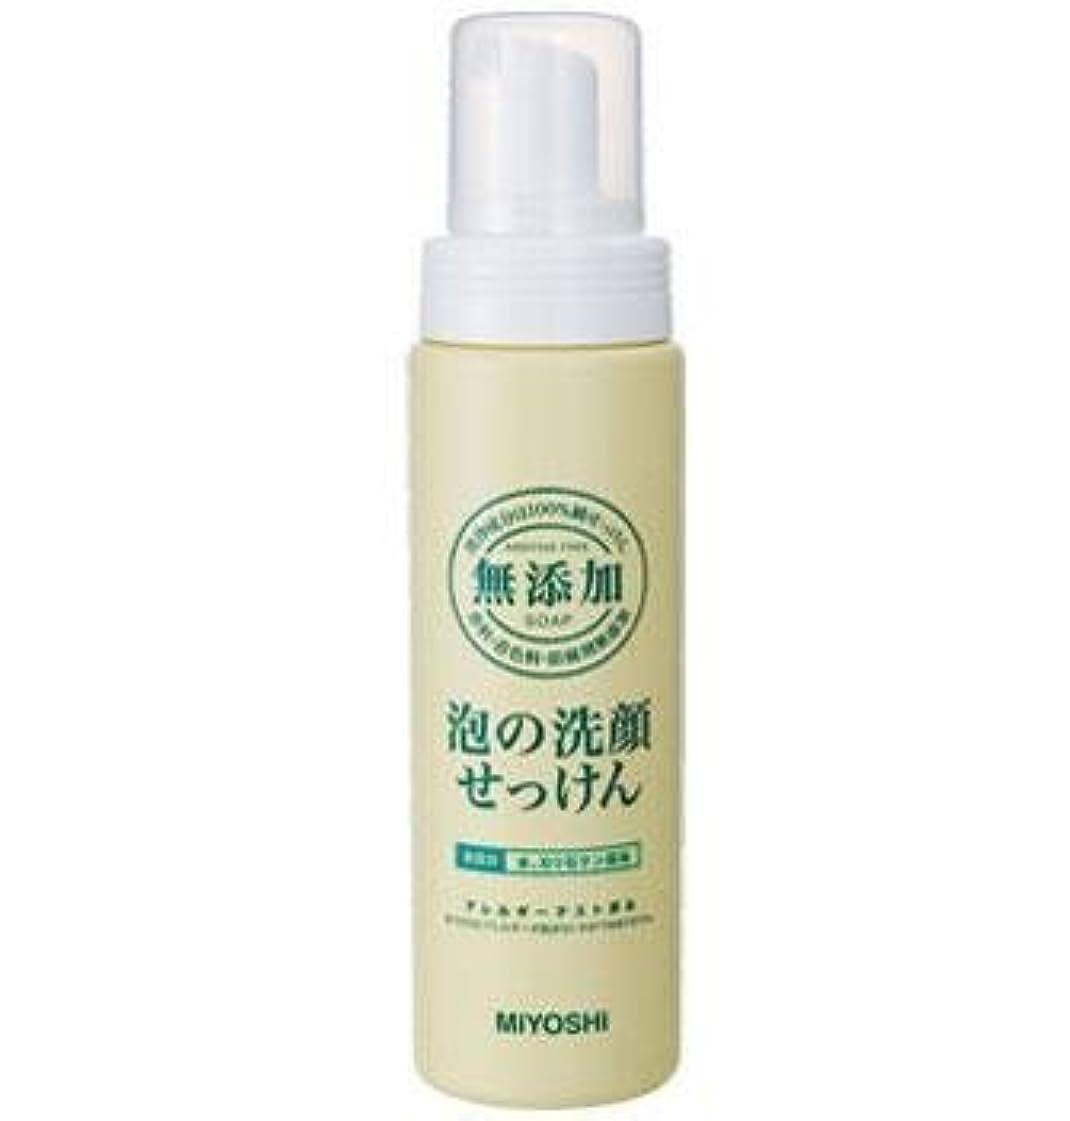 人気の保守的繊細無添加泡の洗顔せっけんポンプボトル × 10個セット